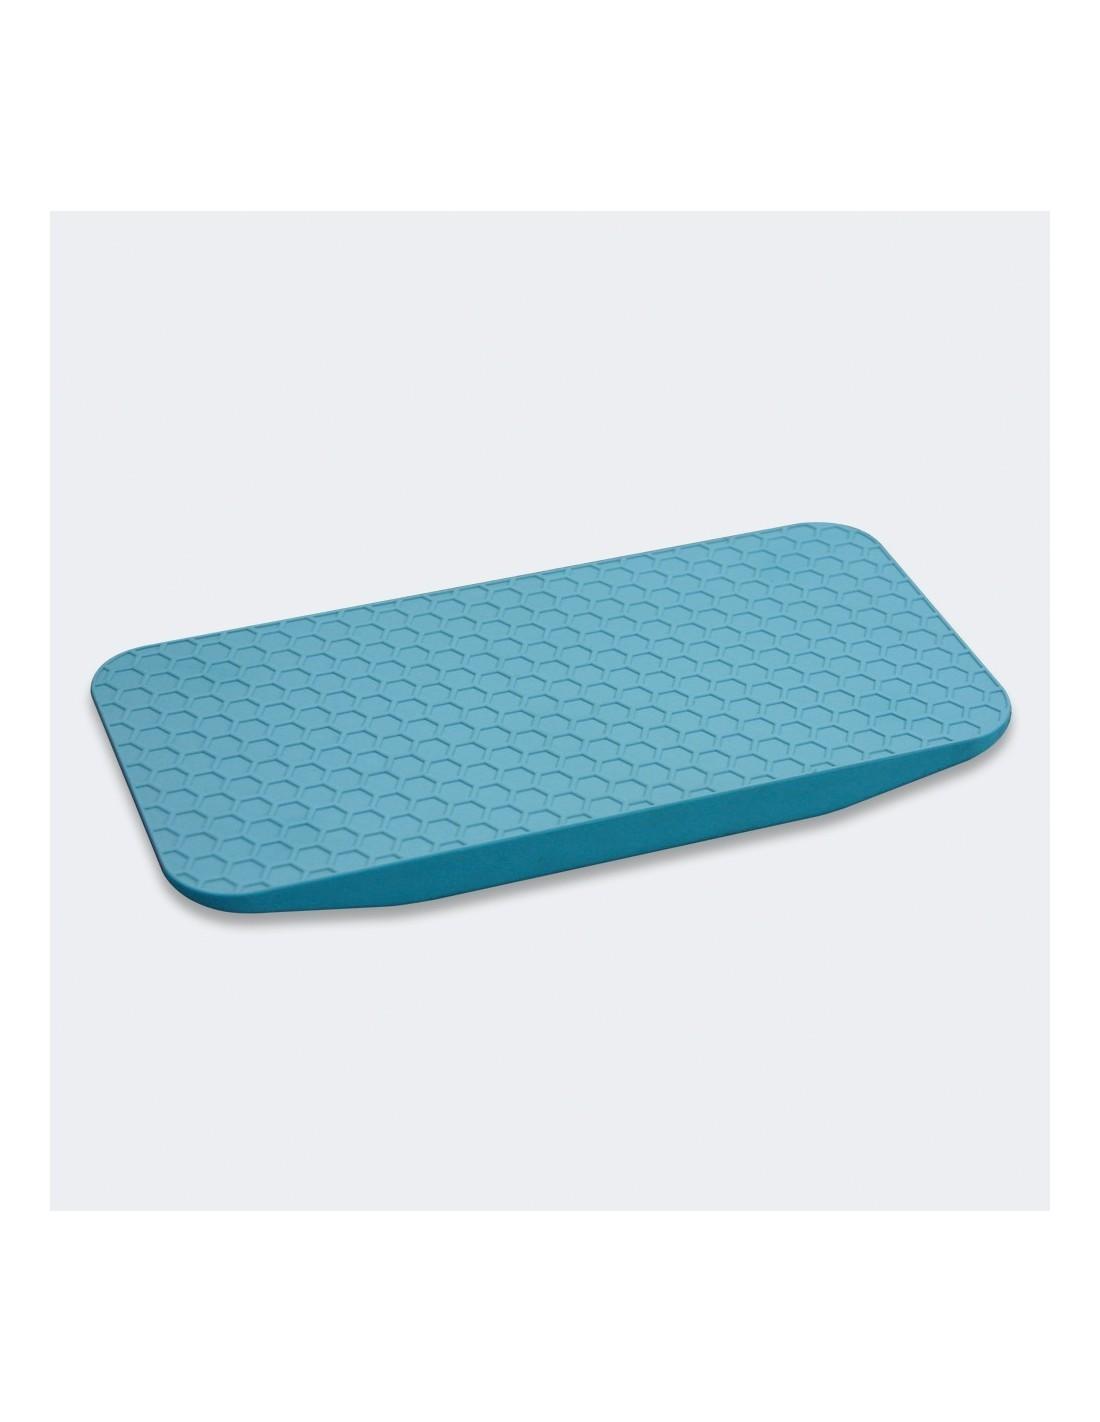 Tavoletta Per Rieducazione Articolare Singola Twister I Tielle Camp Ortopedia Shop Roma Vendita Online Articoli Ortopedici Tutori Scarpe Ortopediche Busti Sanitaria